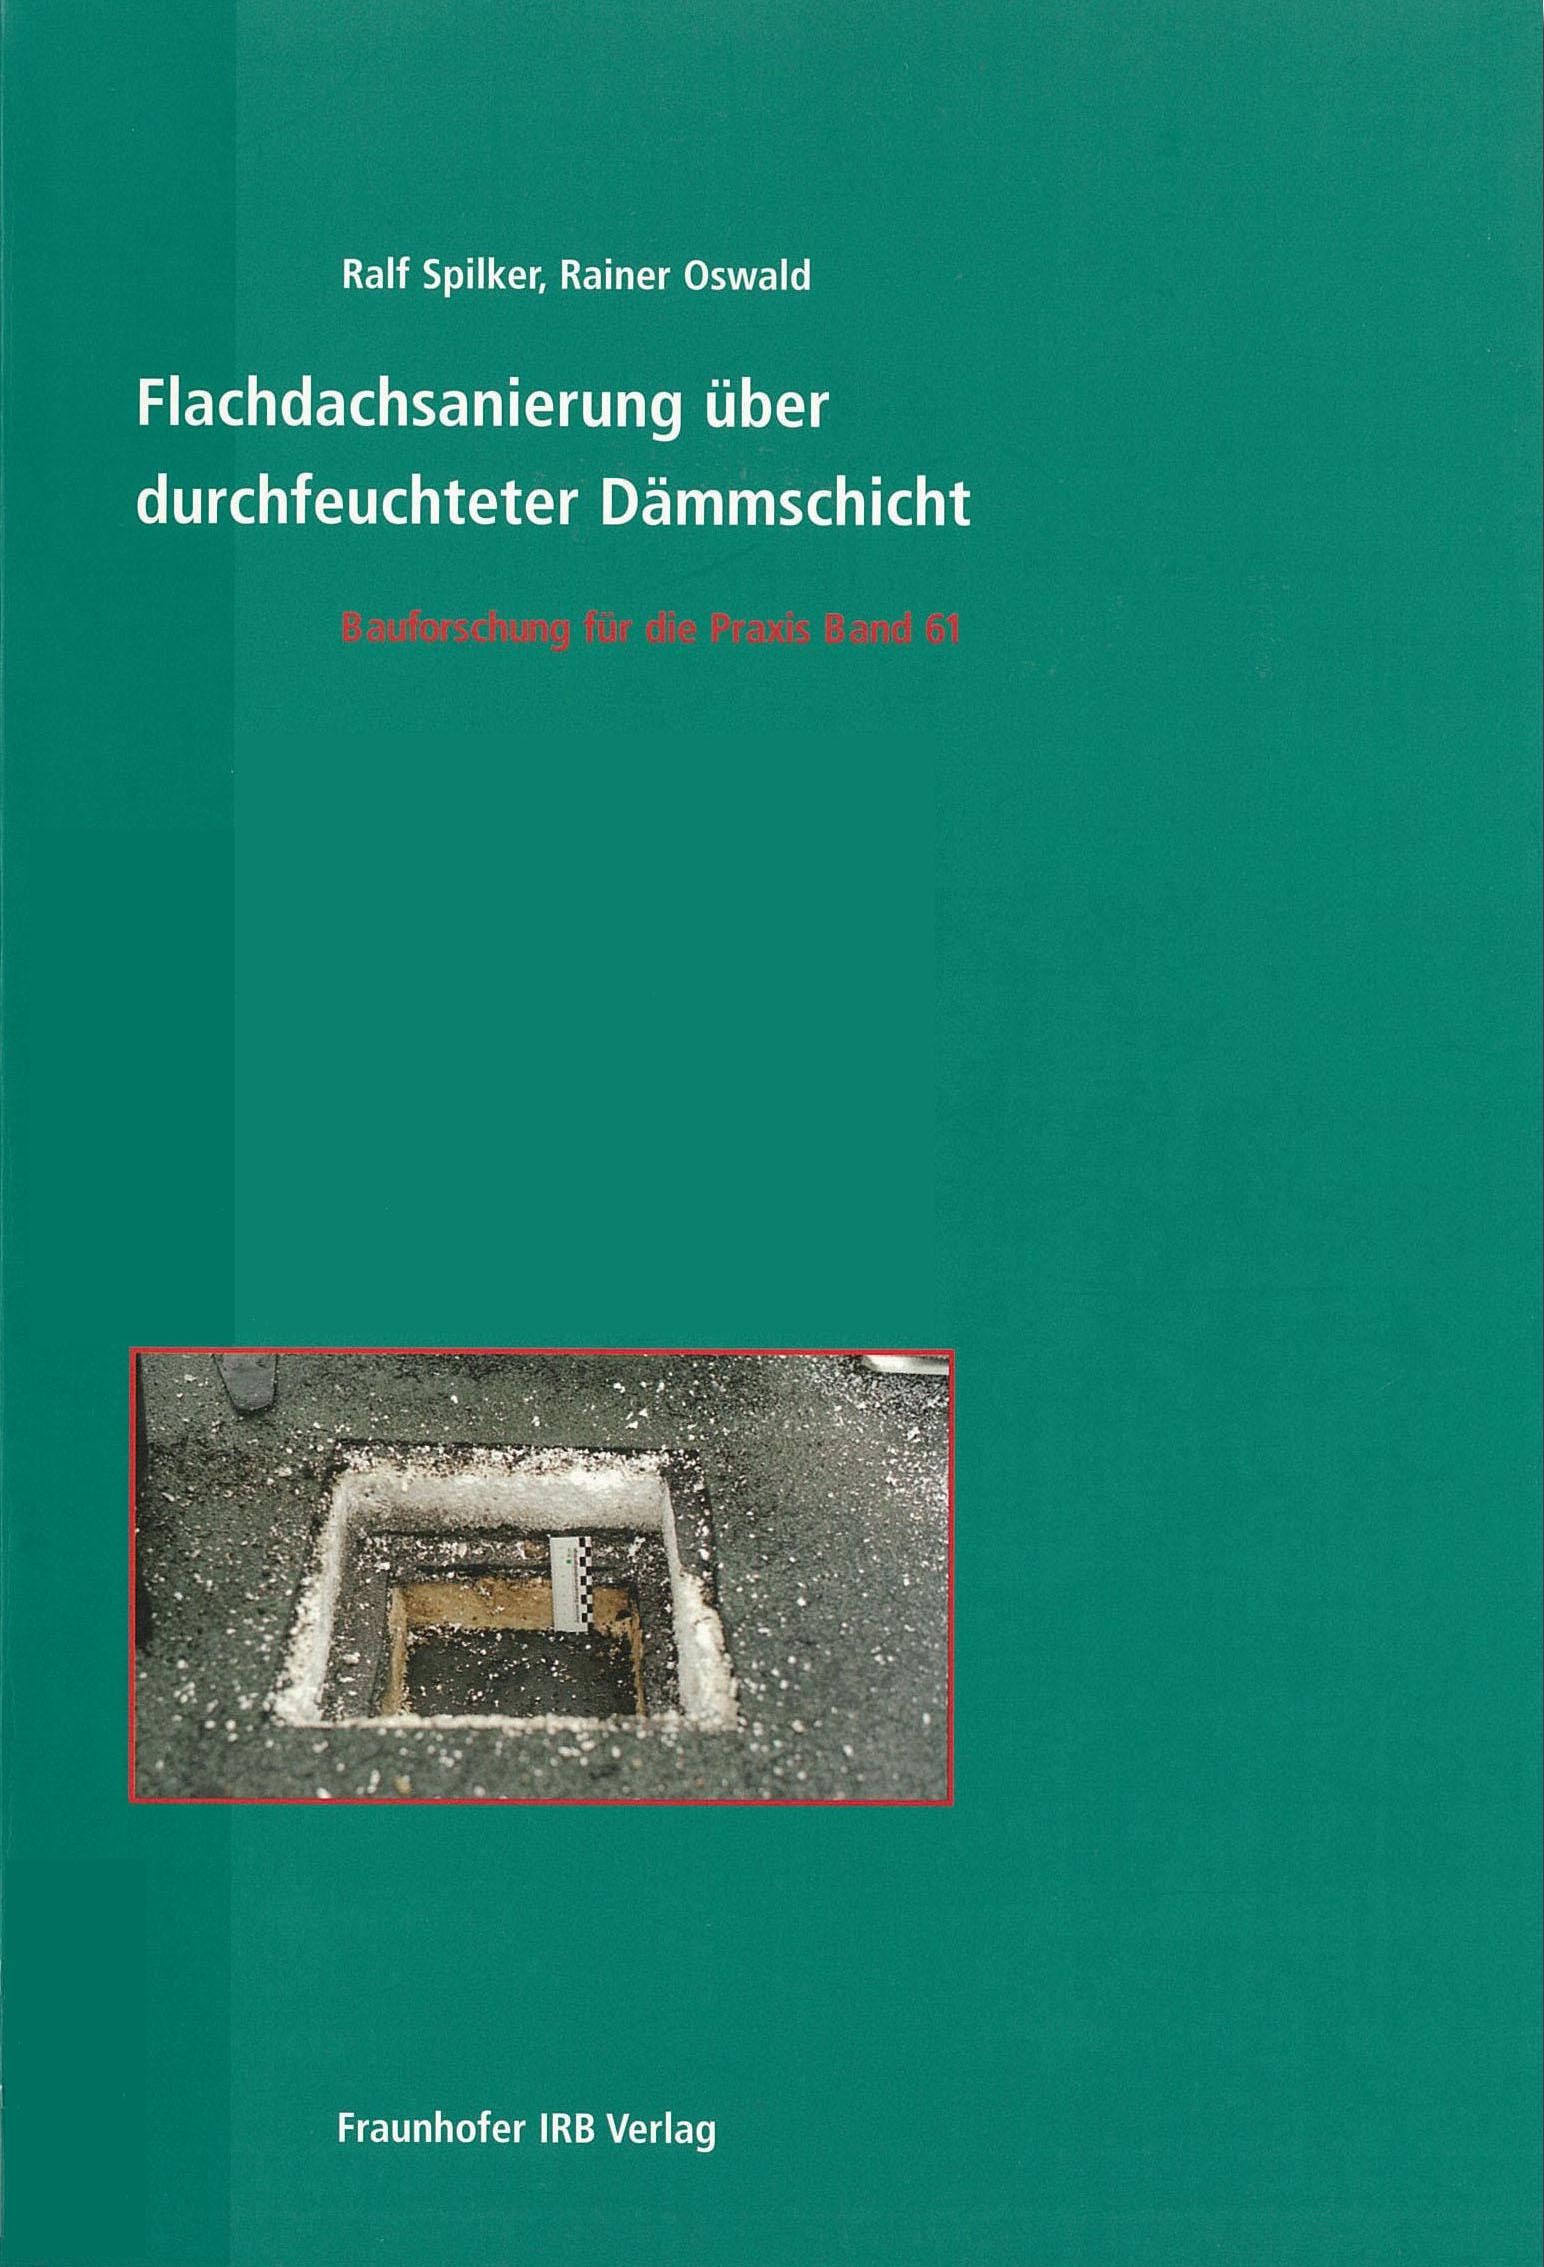 Forschungsbericht: Flachdachsanierung über durchfeuchteter Dämmschicht